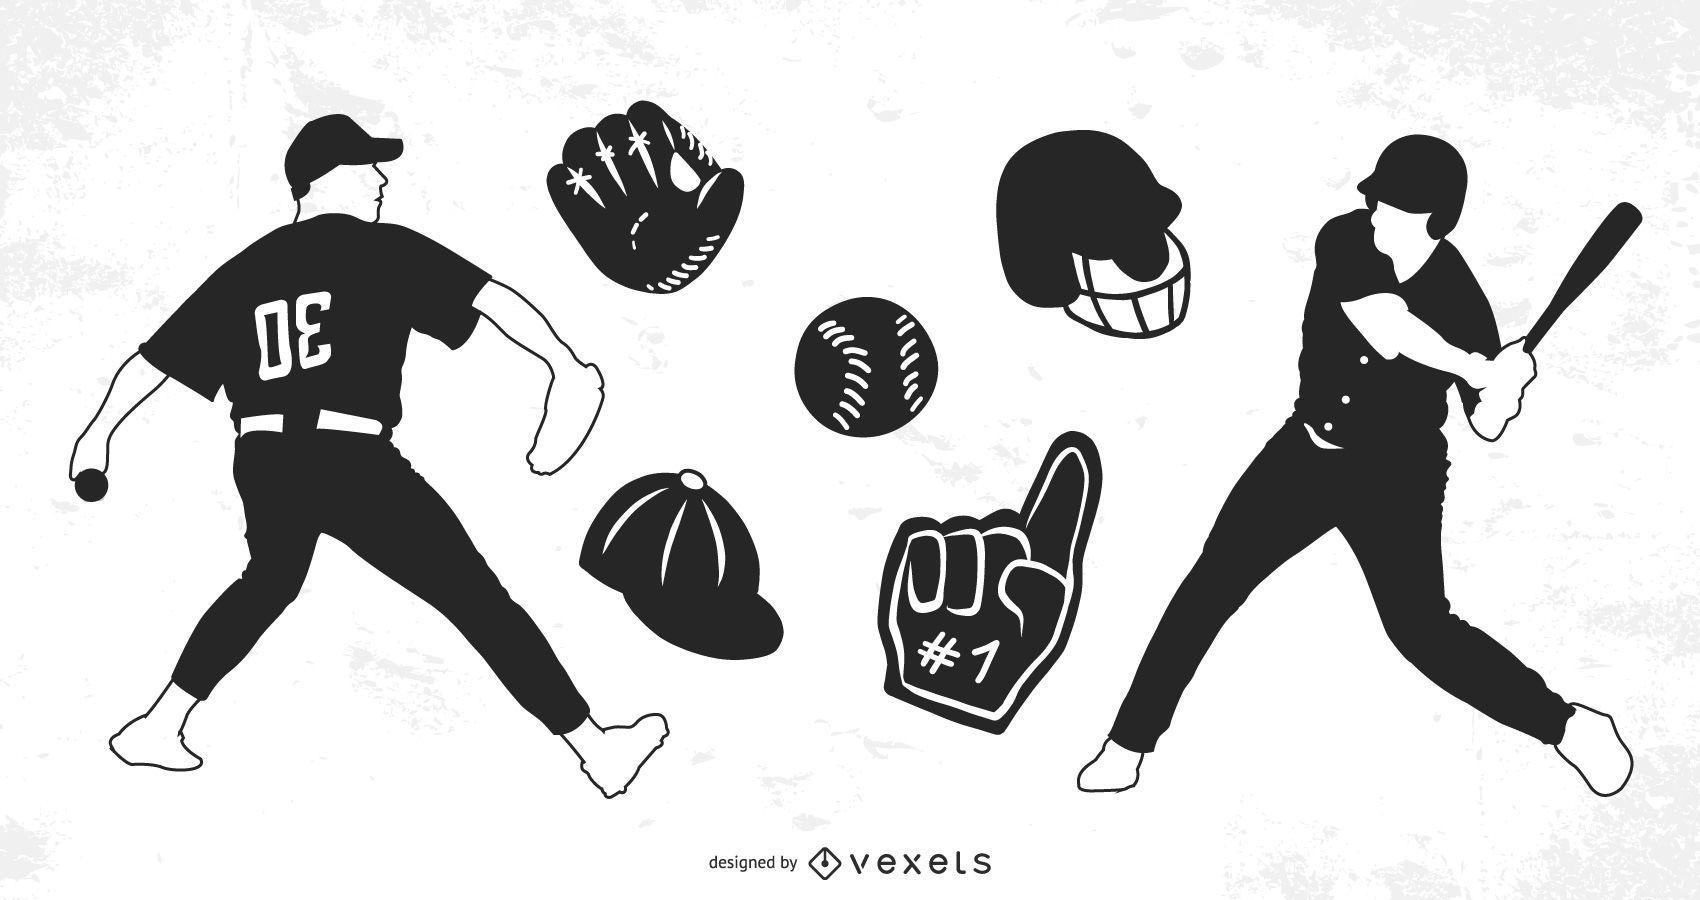 Personajes del club de b?isbol